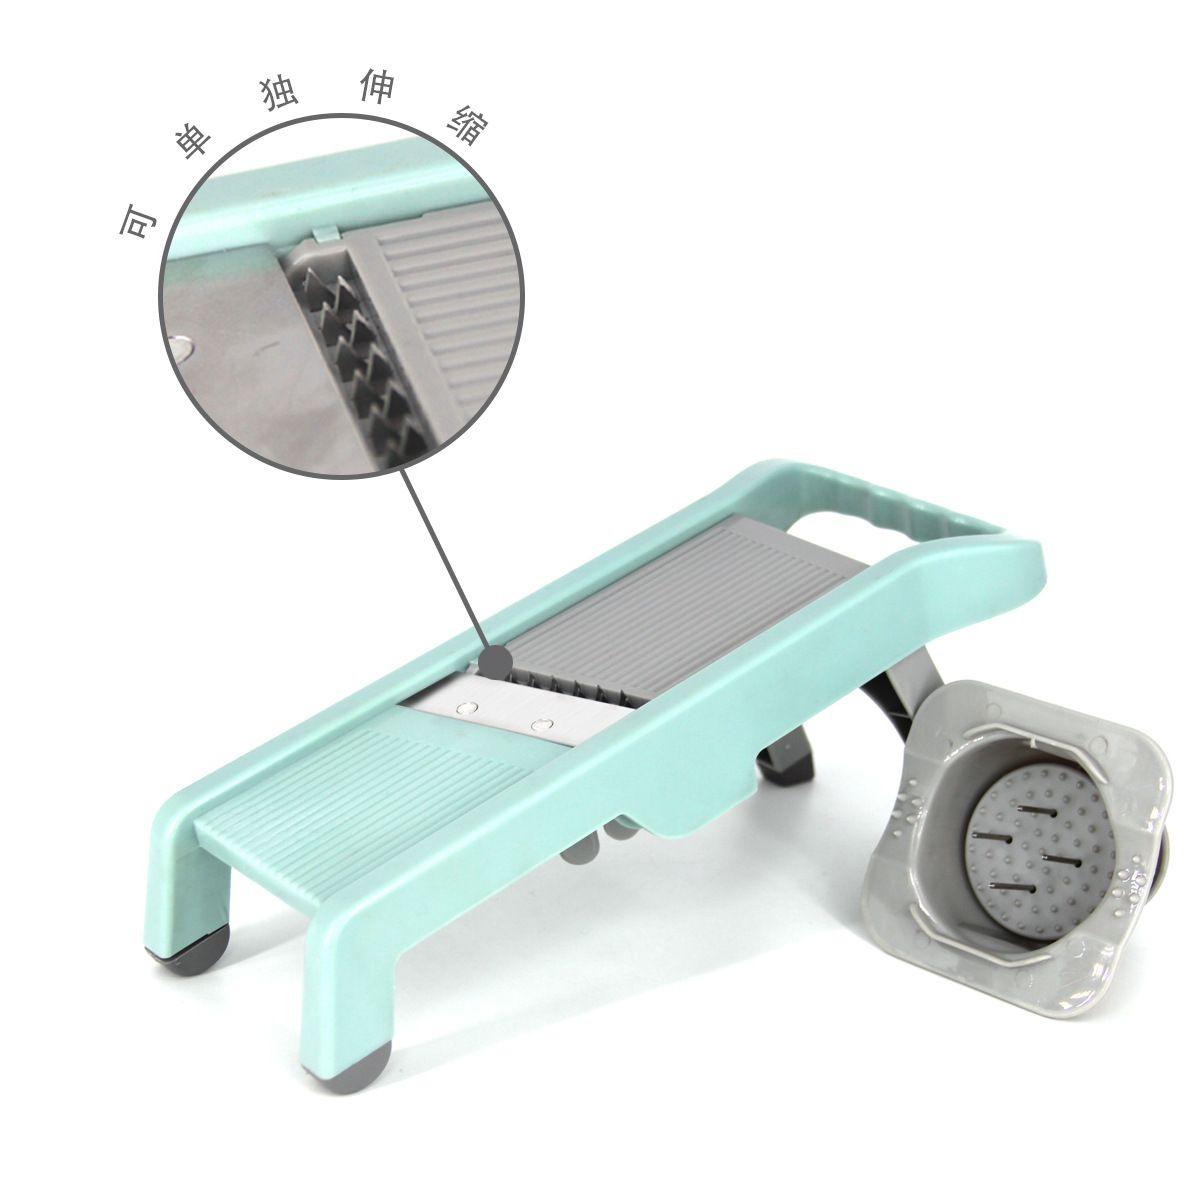 新品家用多功能不锈钢切菜器切丝器刨丝器切片器厨房用料理器